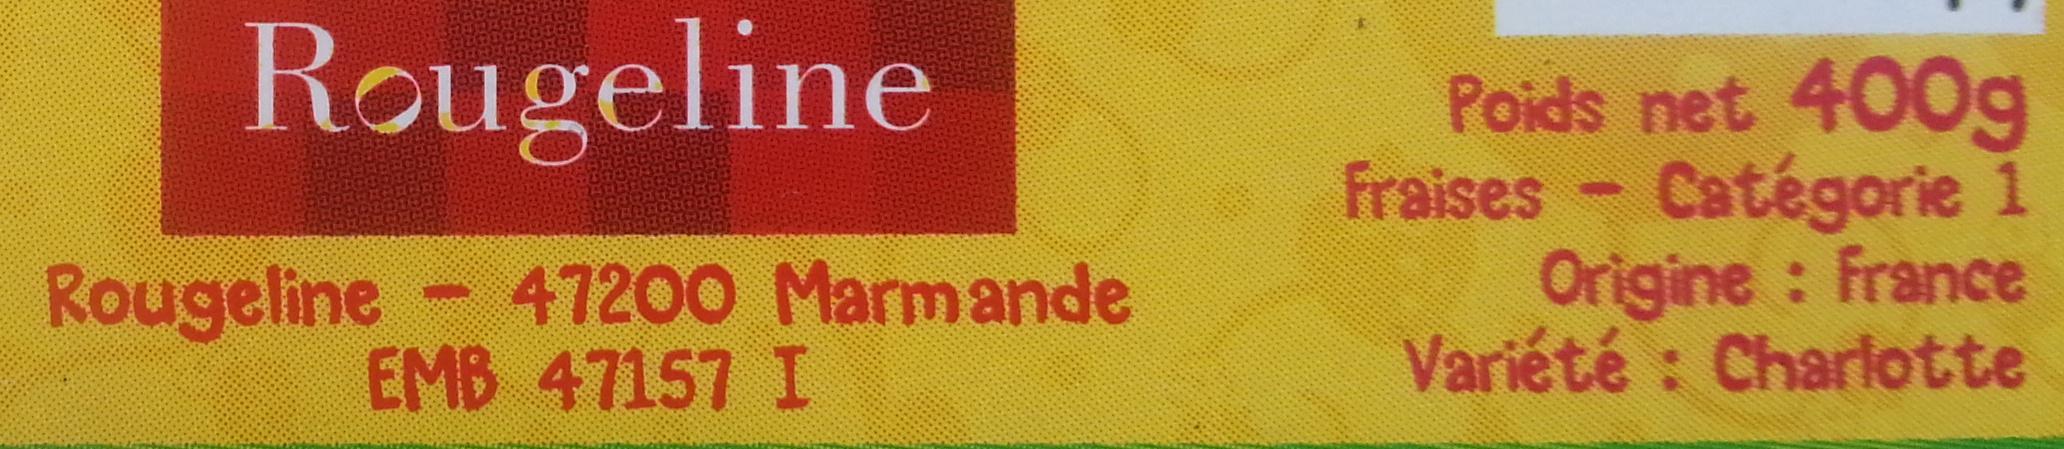 Fraises variété Charlotte - Ingredients - fr